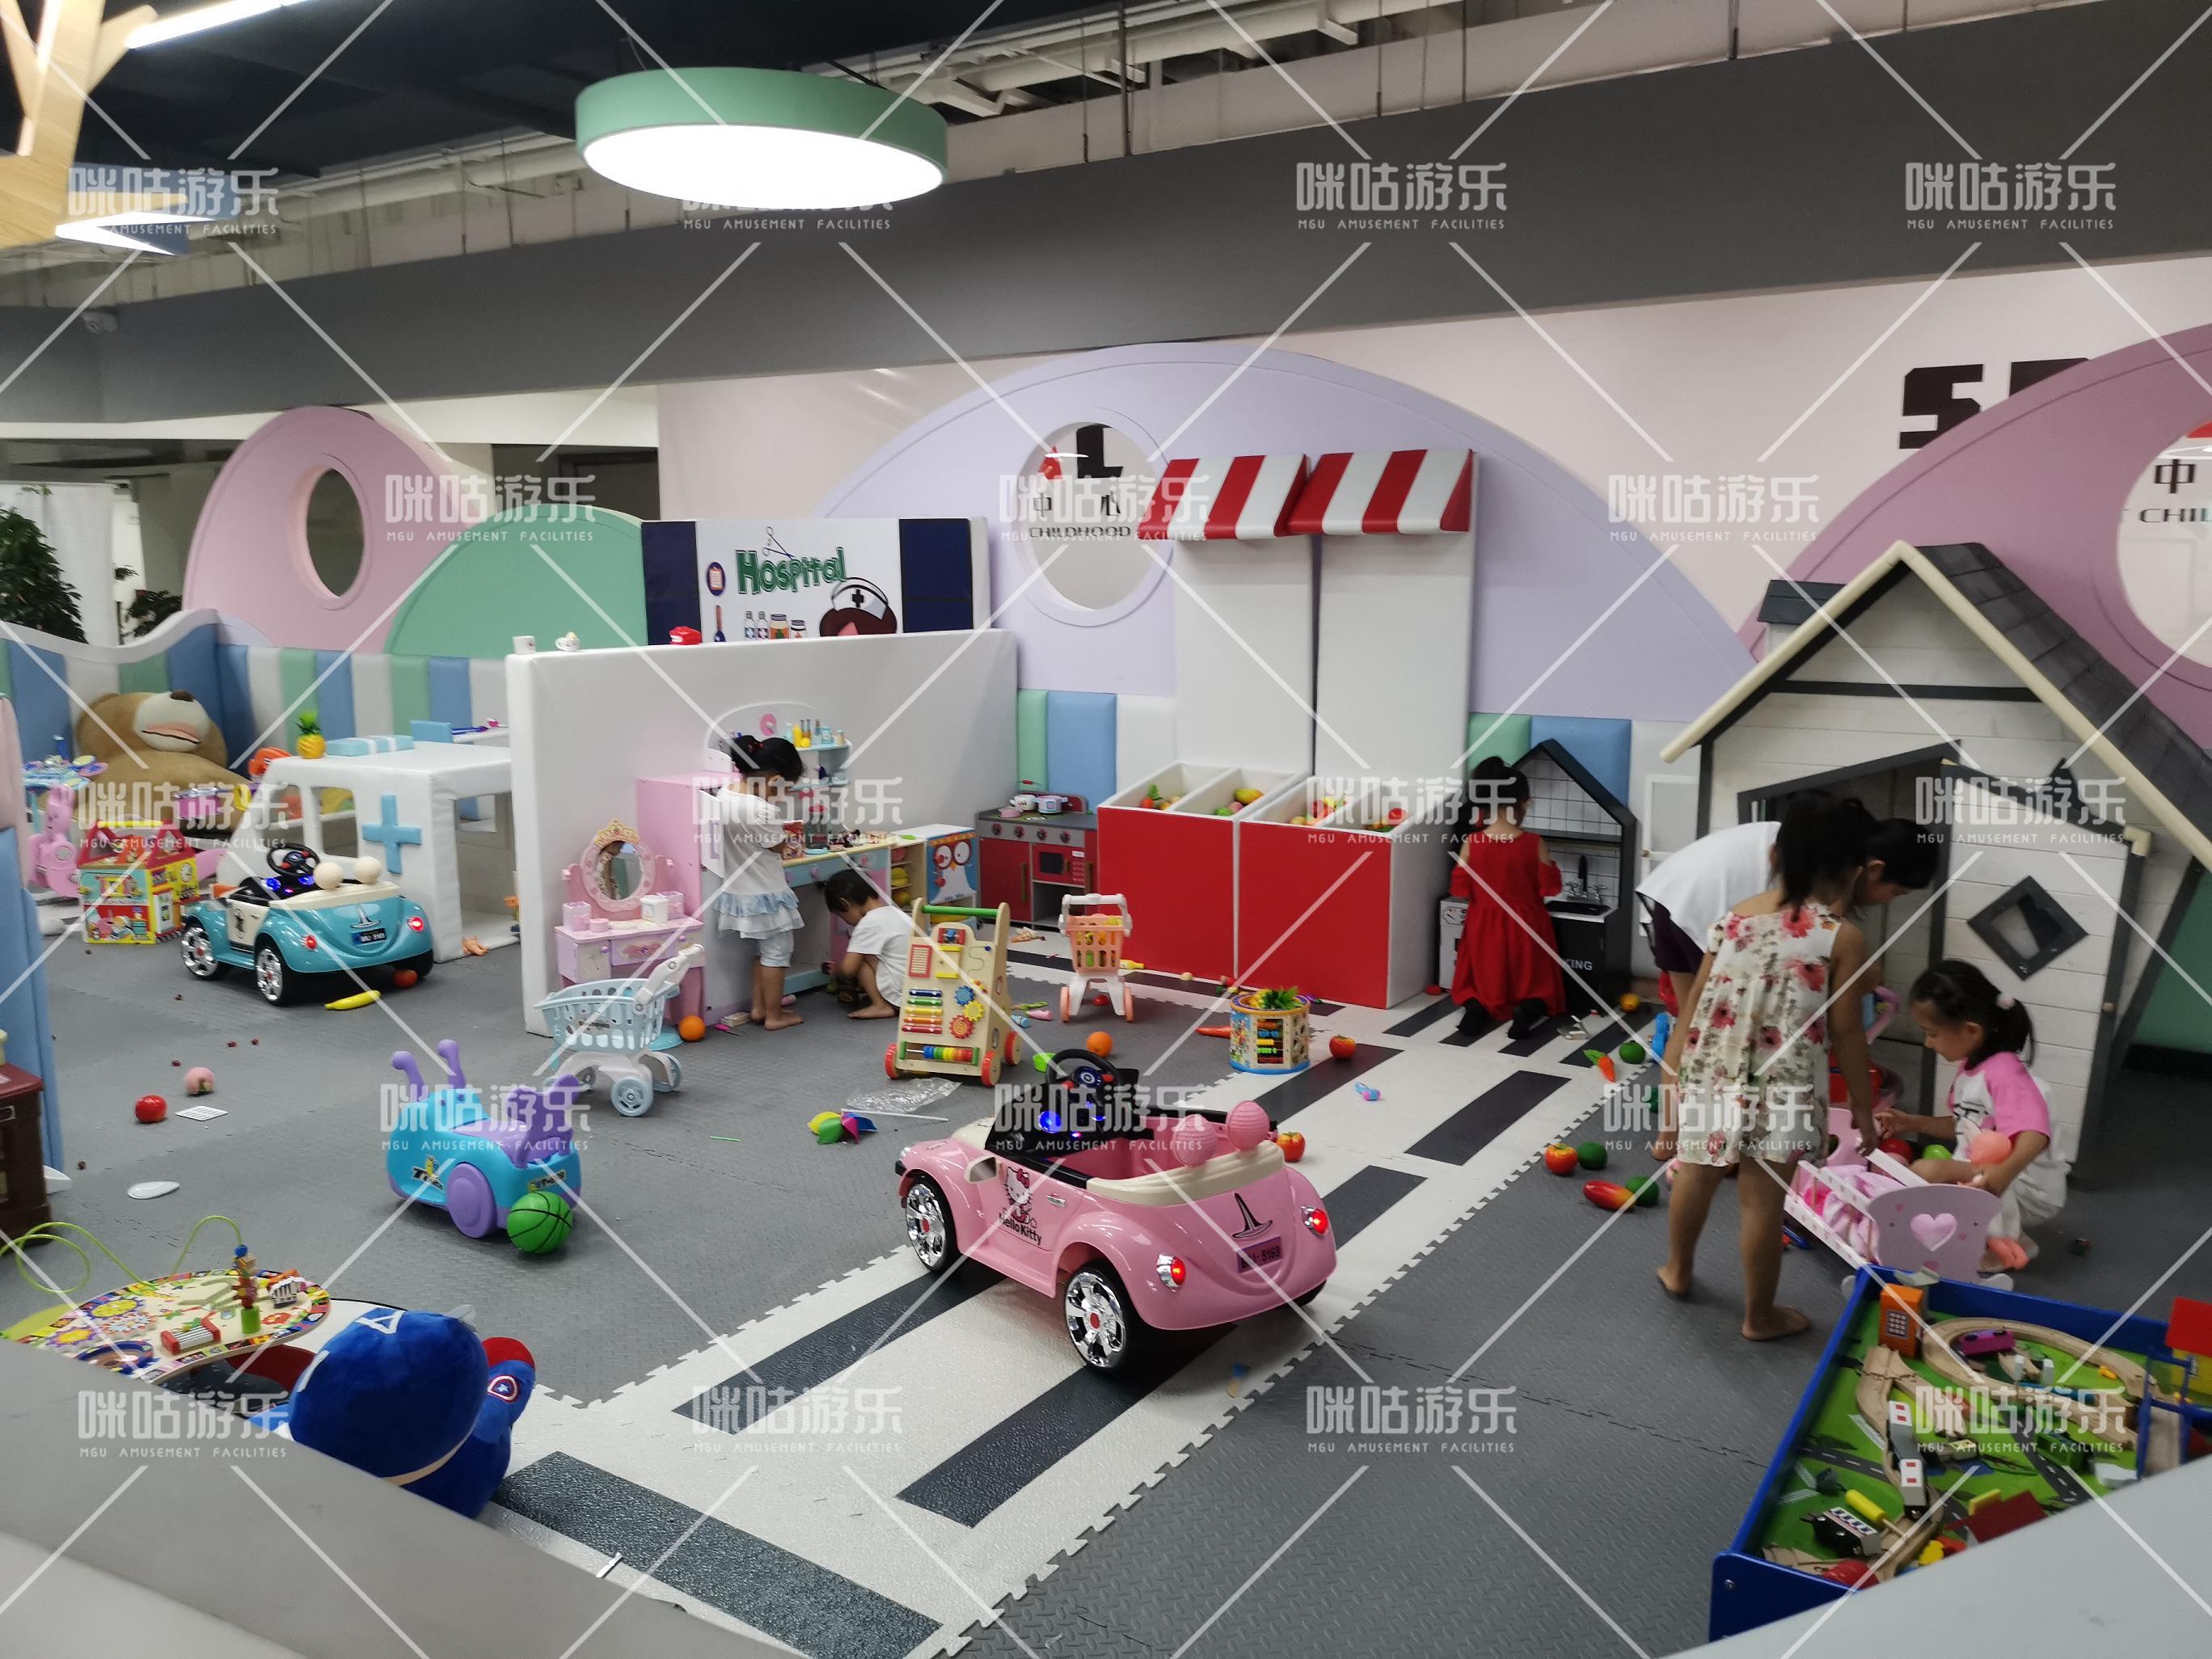 微信图片_20200429155910.jpg 晋城儿童乐园哪个品牌好? 加盟资讯 游乐设备第4张